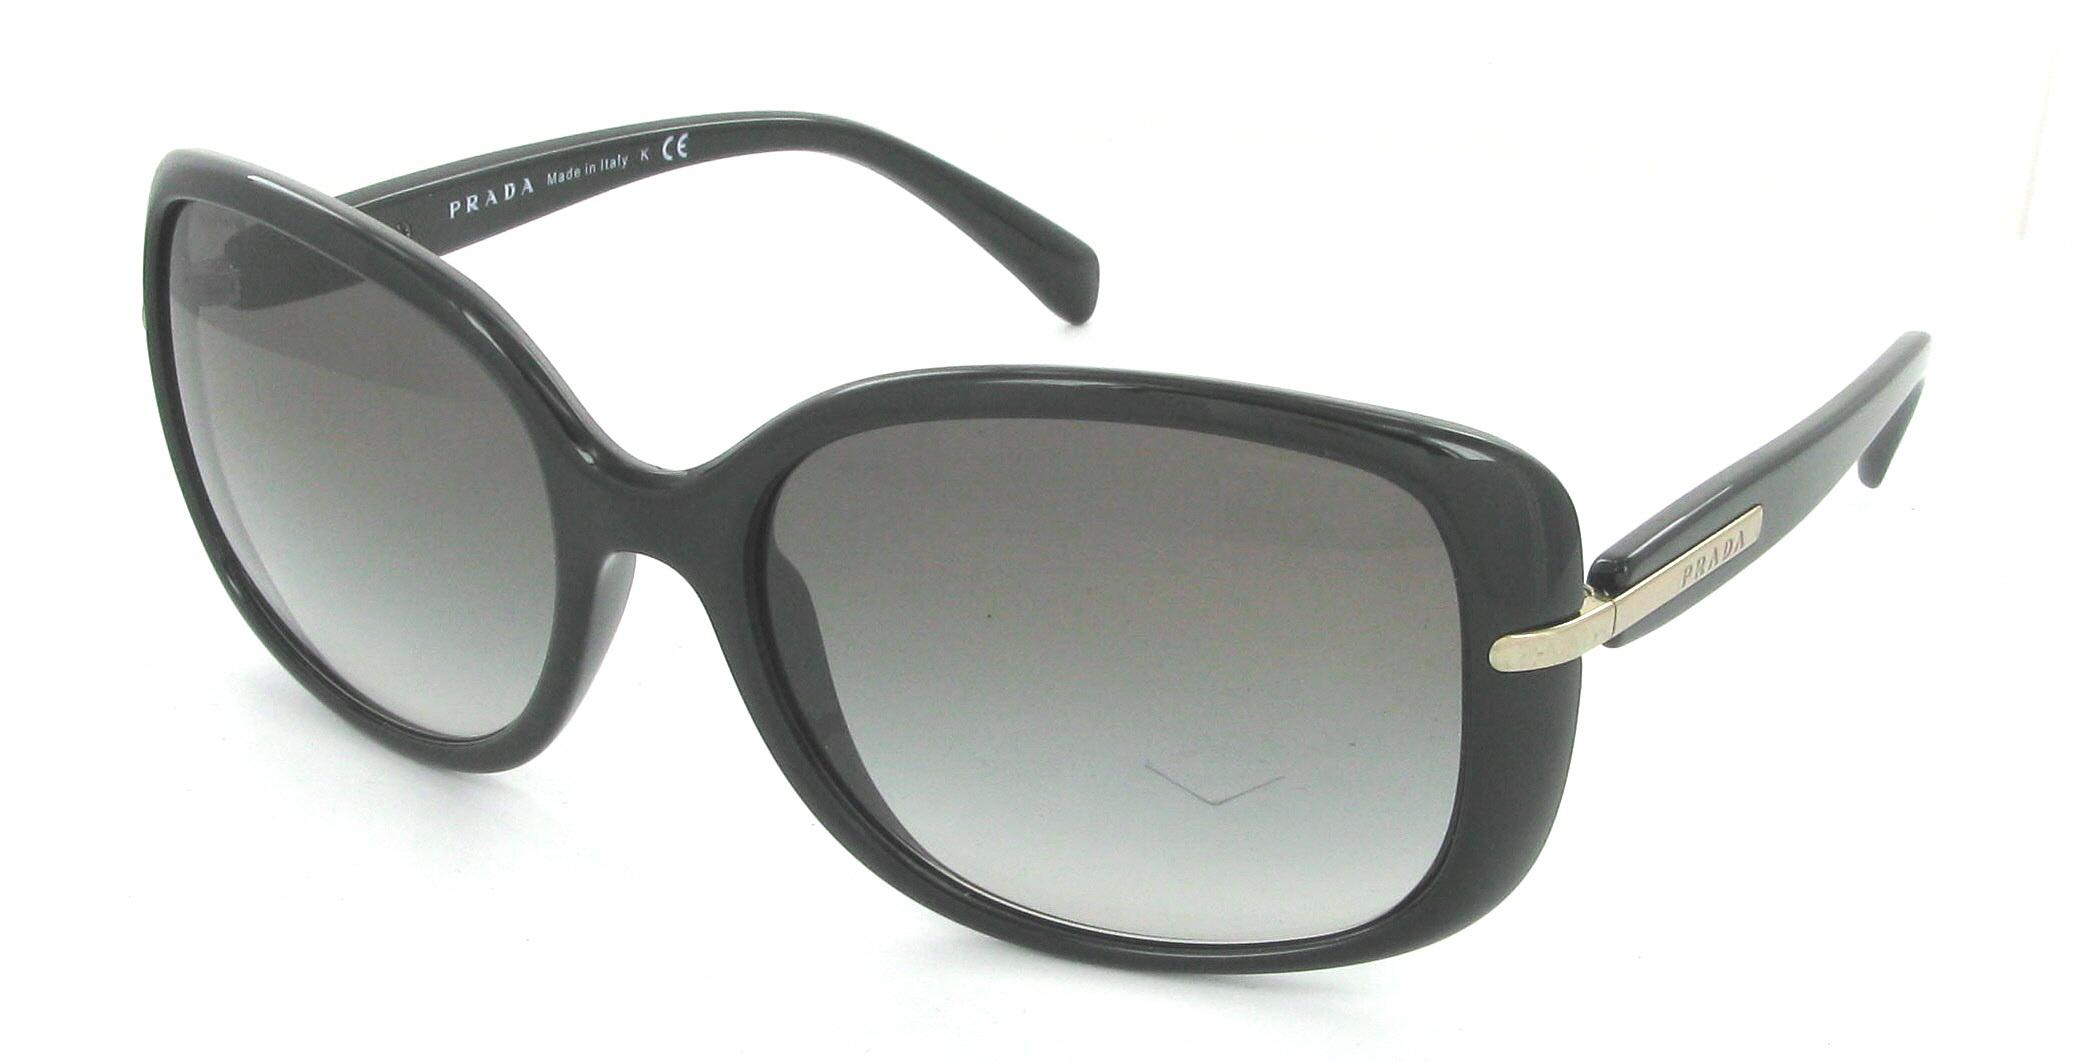 dcb682ac5e0 Présentation lunettes de soleil Prada homme